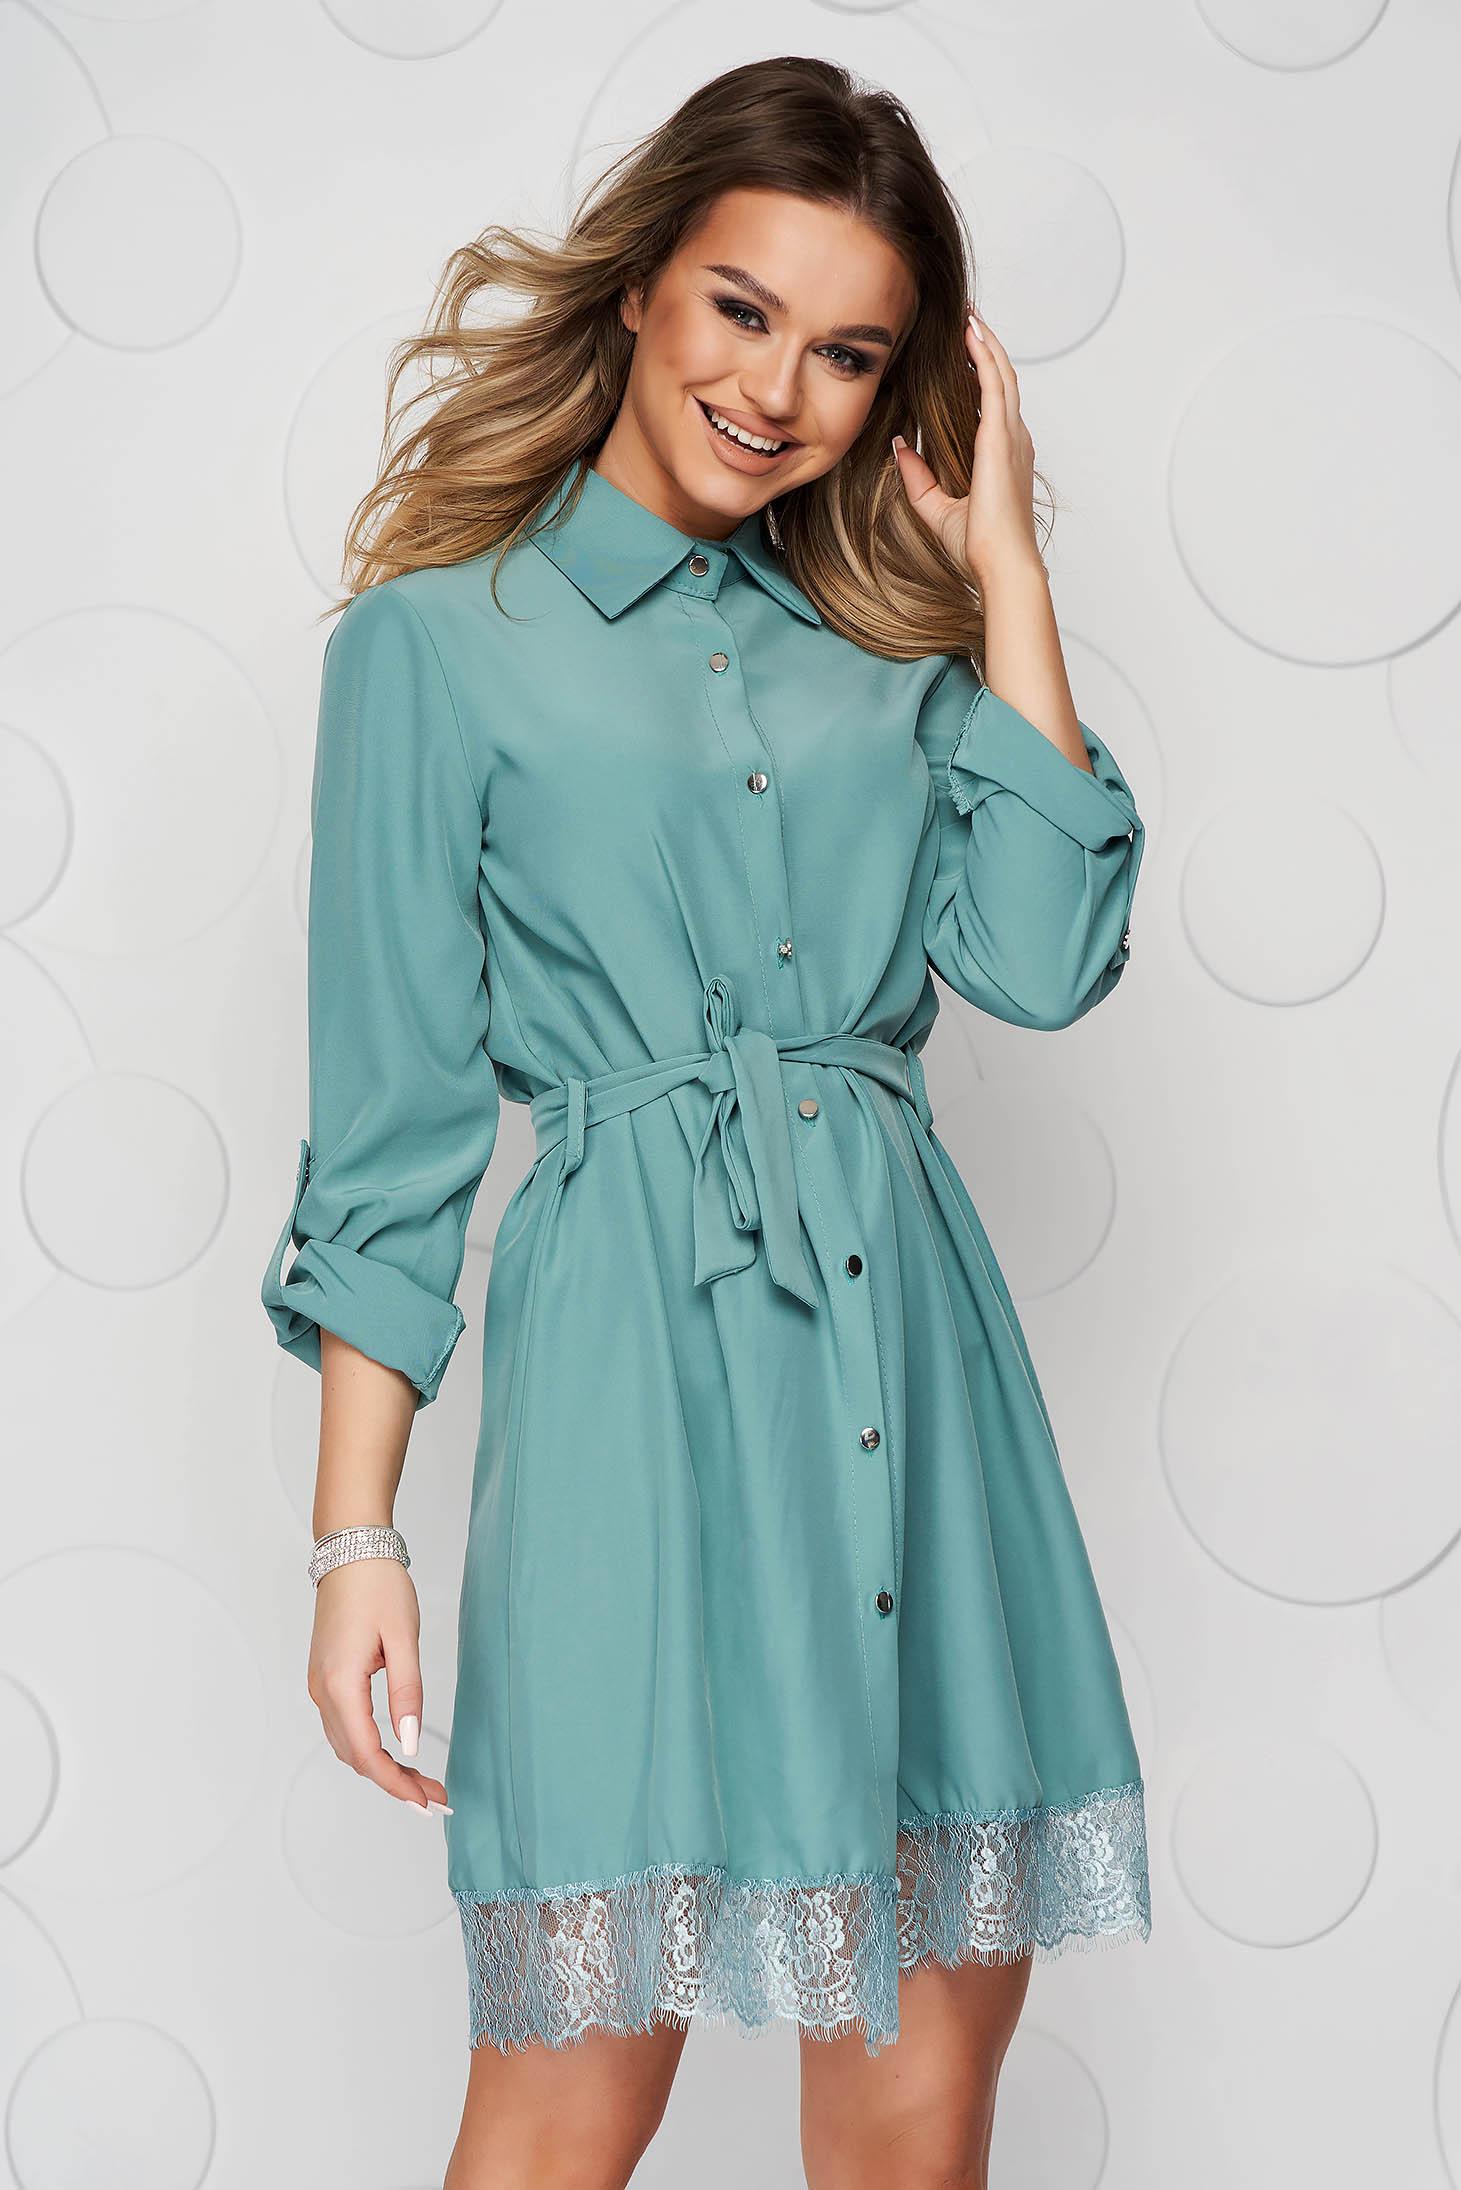 Zöld ruha csipke díszítéssel eltávolítható övvel rövid